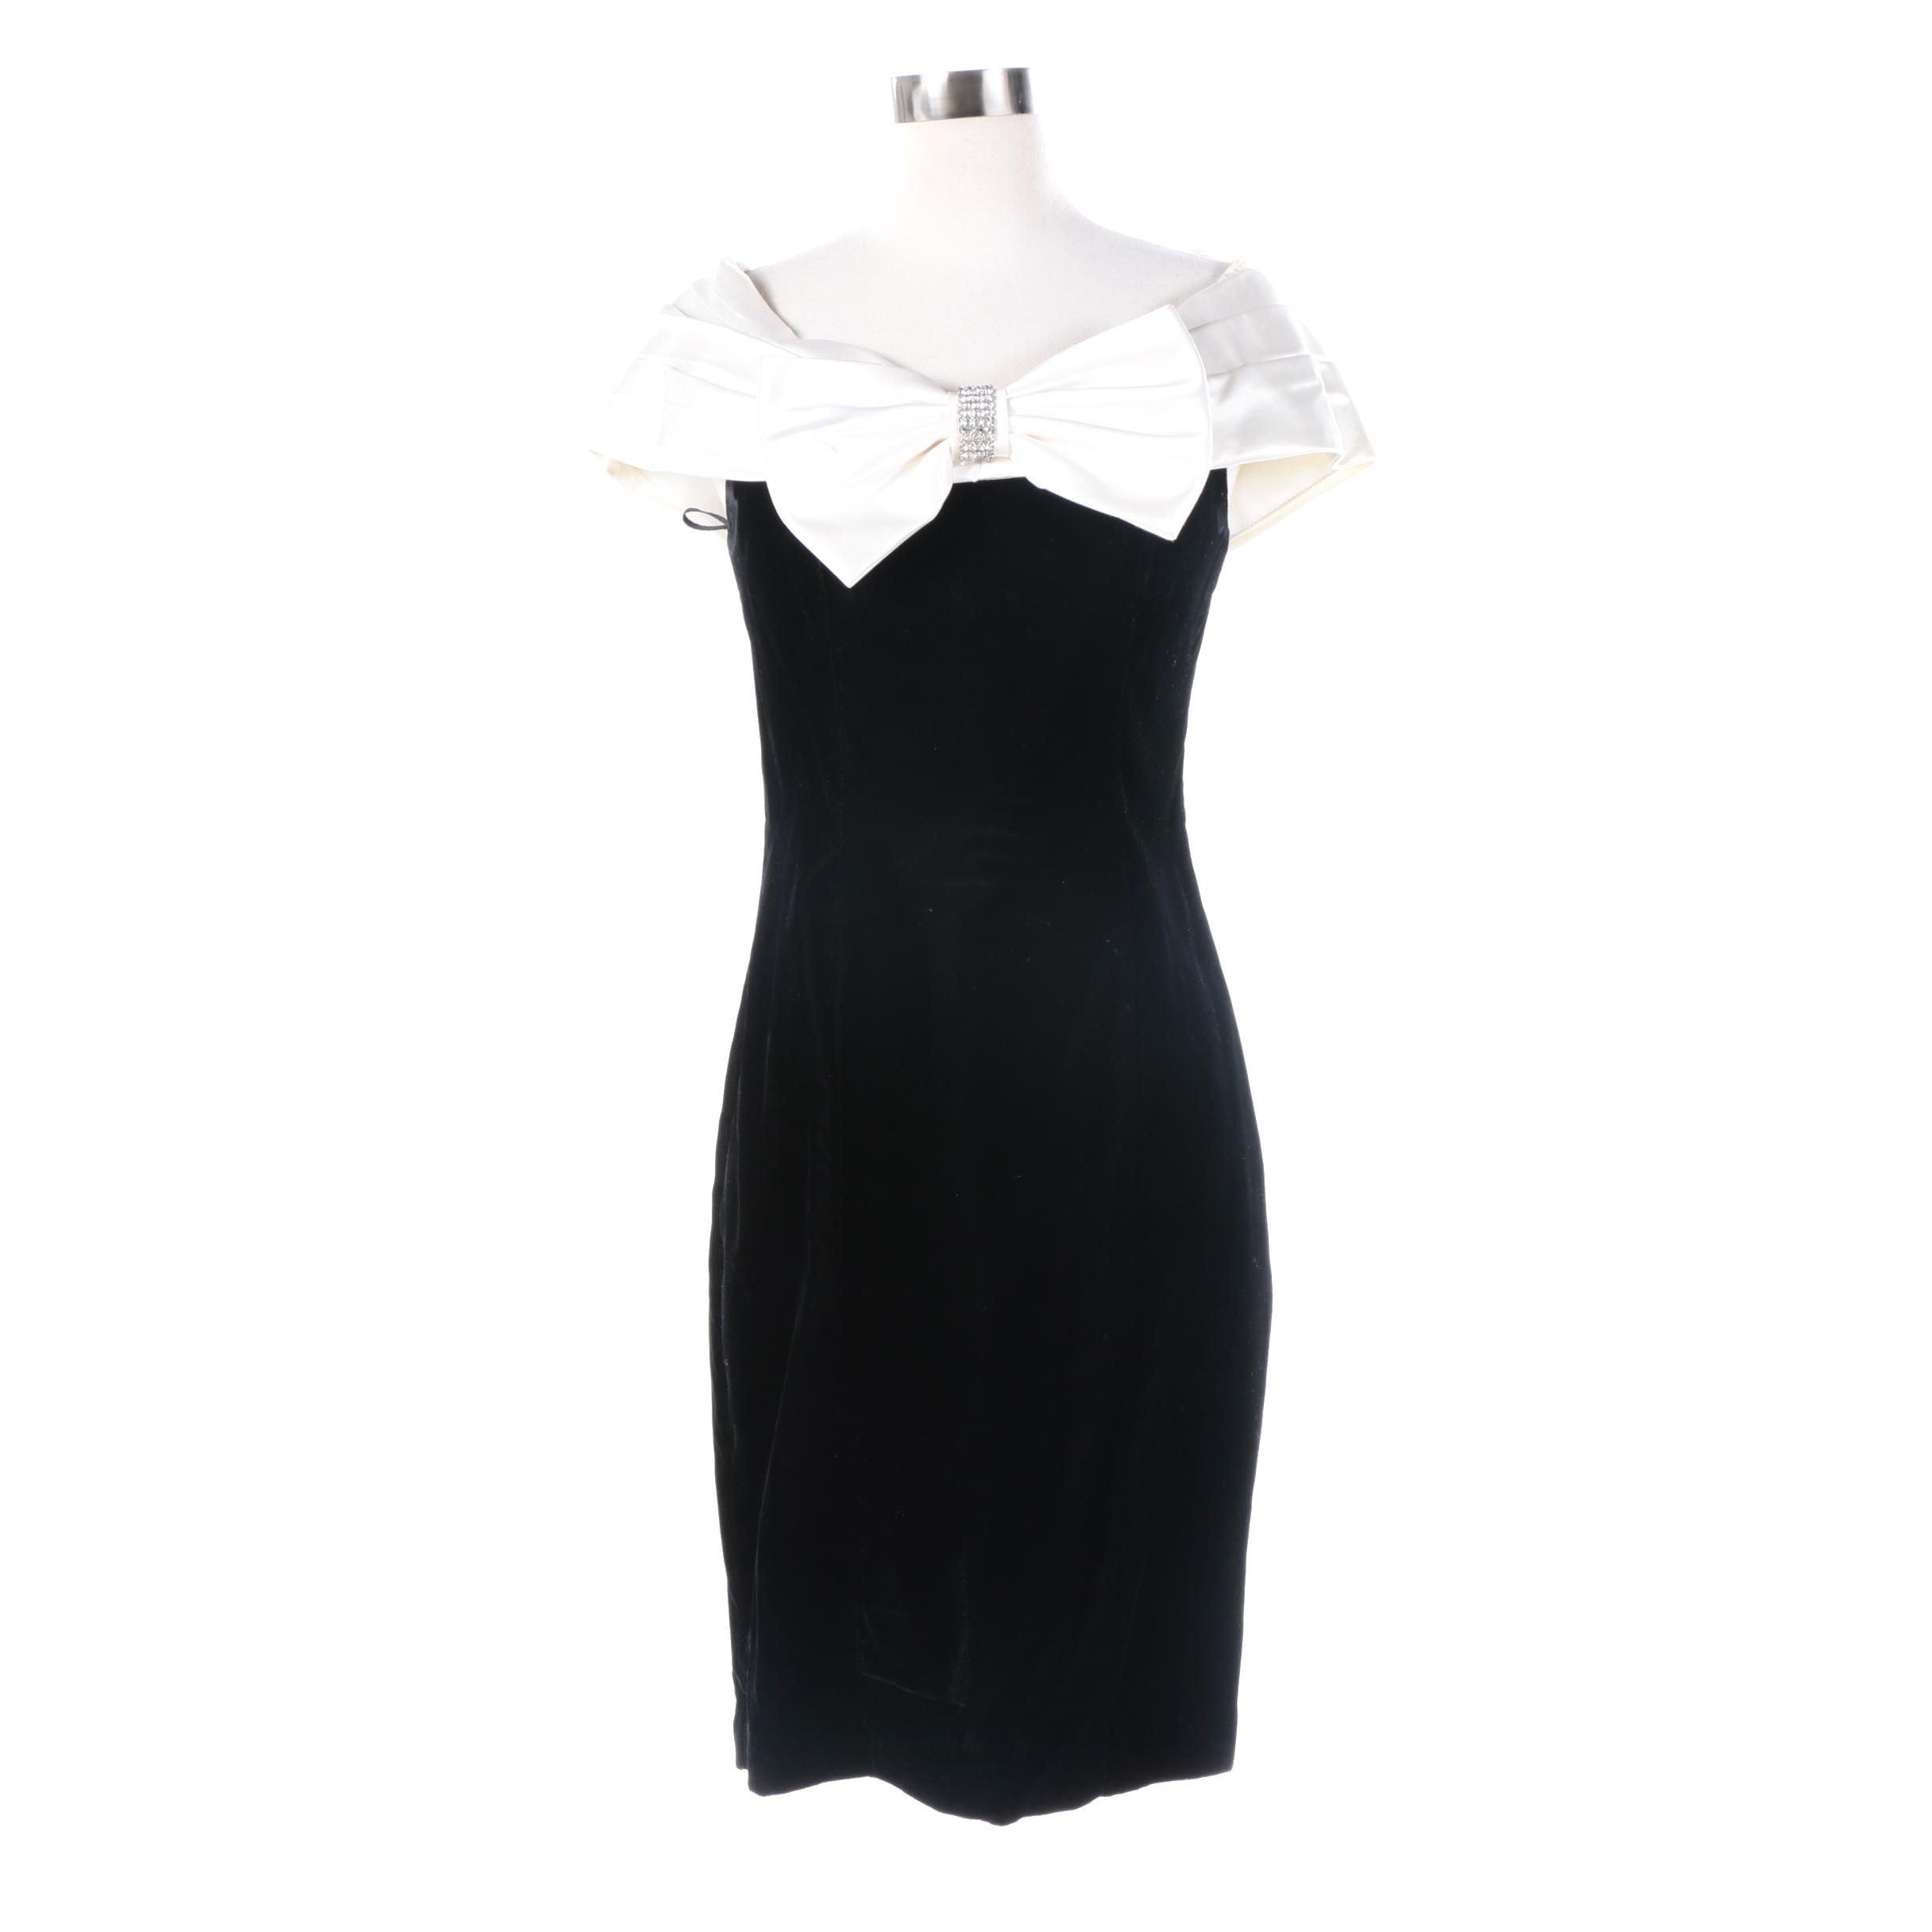 Jessica Howard Black Velvet Dress Featuring White Bow Front Neckline